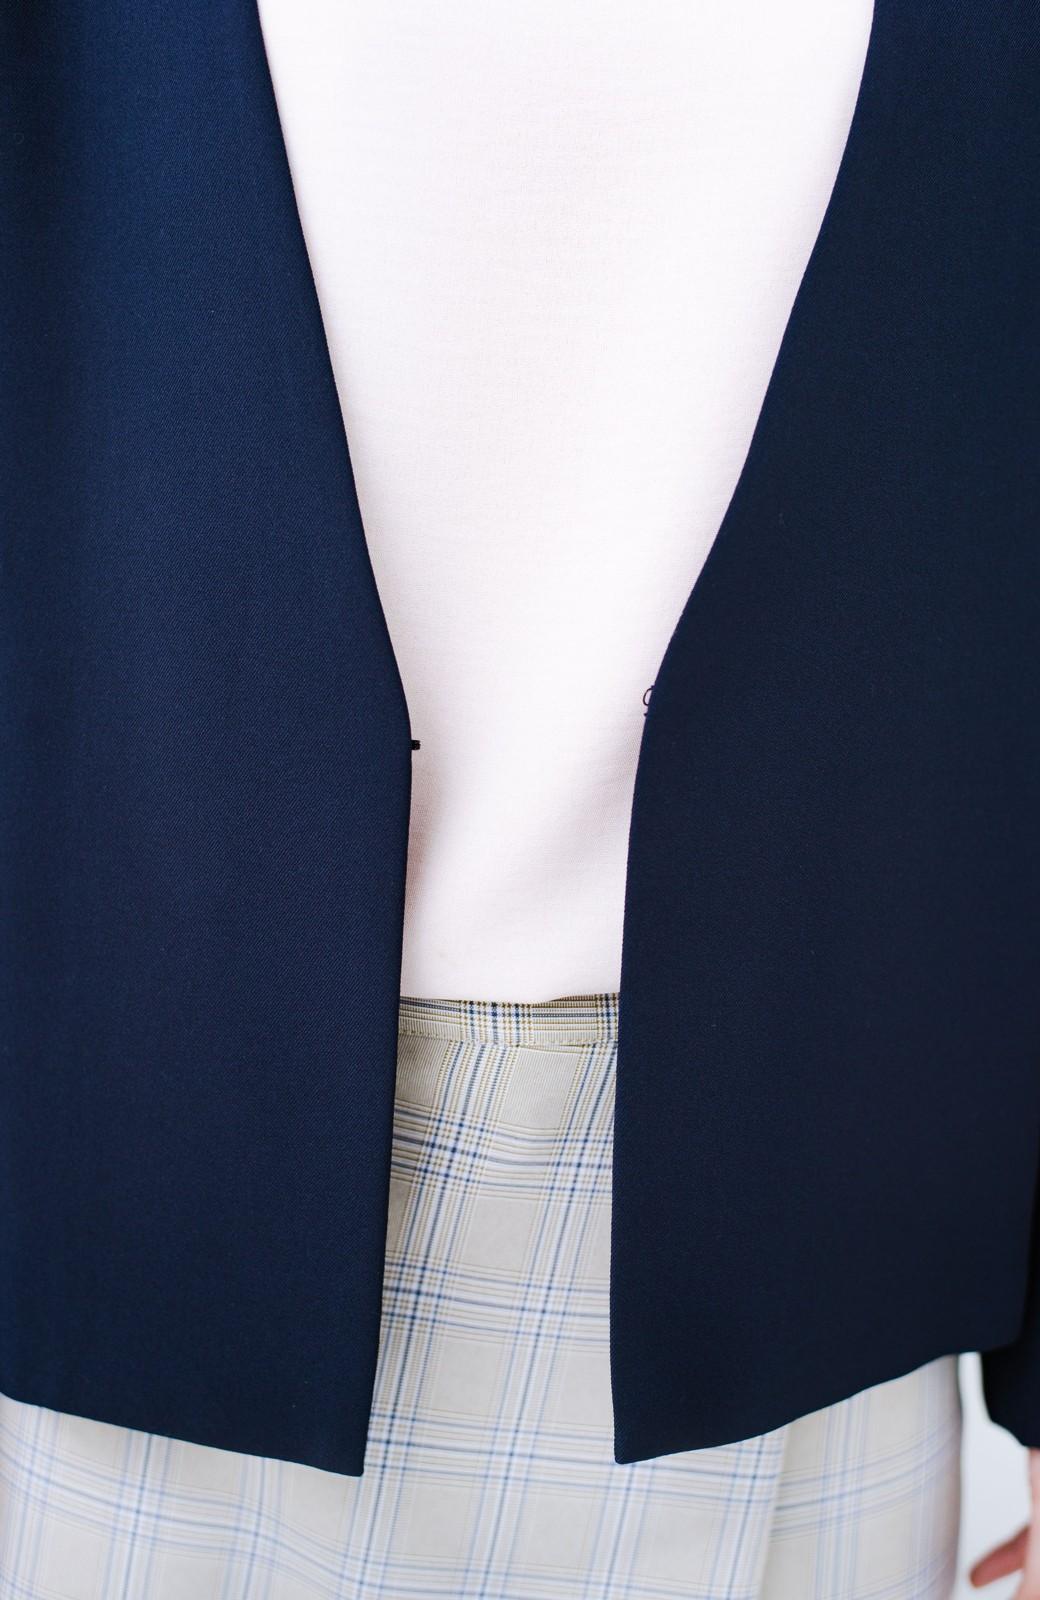 haco! 持っていると便利な 野暮ったくならないウエストベルト付きフォーマルジャケット <ダークネイビー>の商品写真5